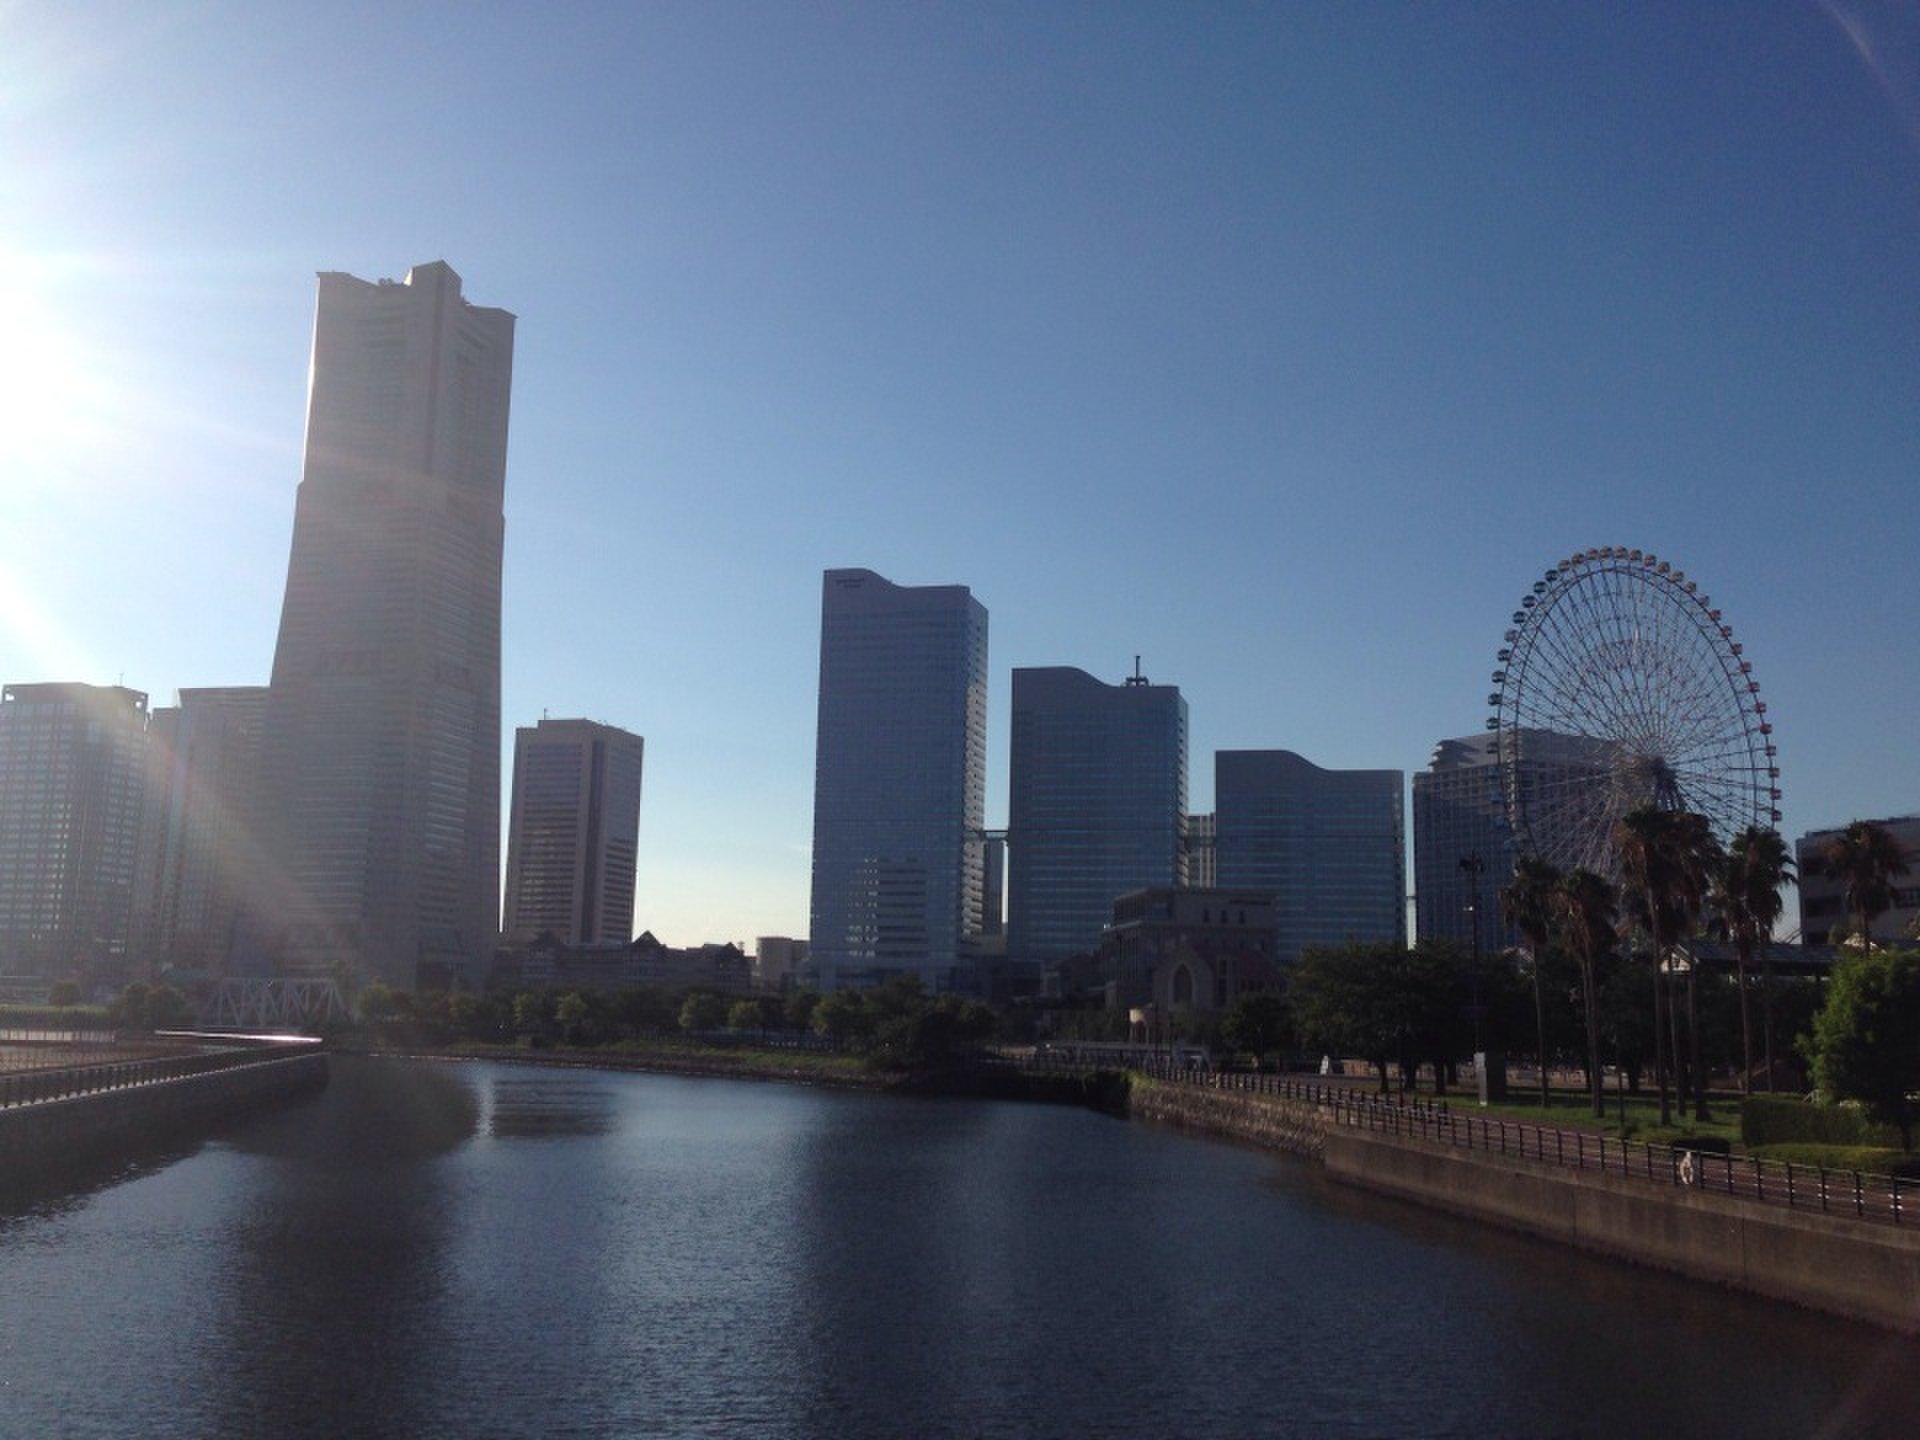 【横浜みなとみらいデート】異国雰囲気漂う散歩道で散歩デート!